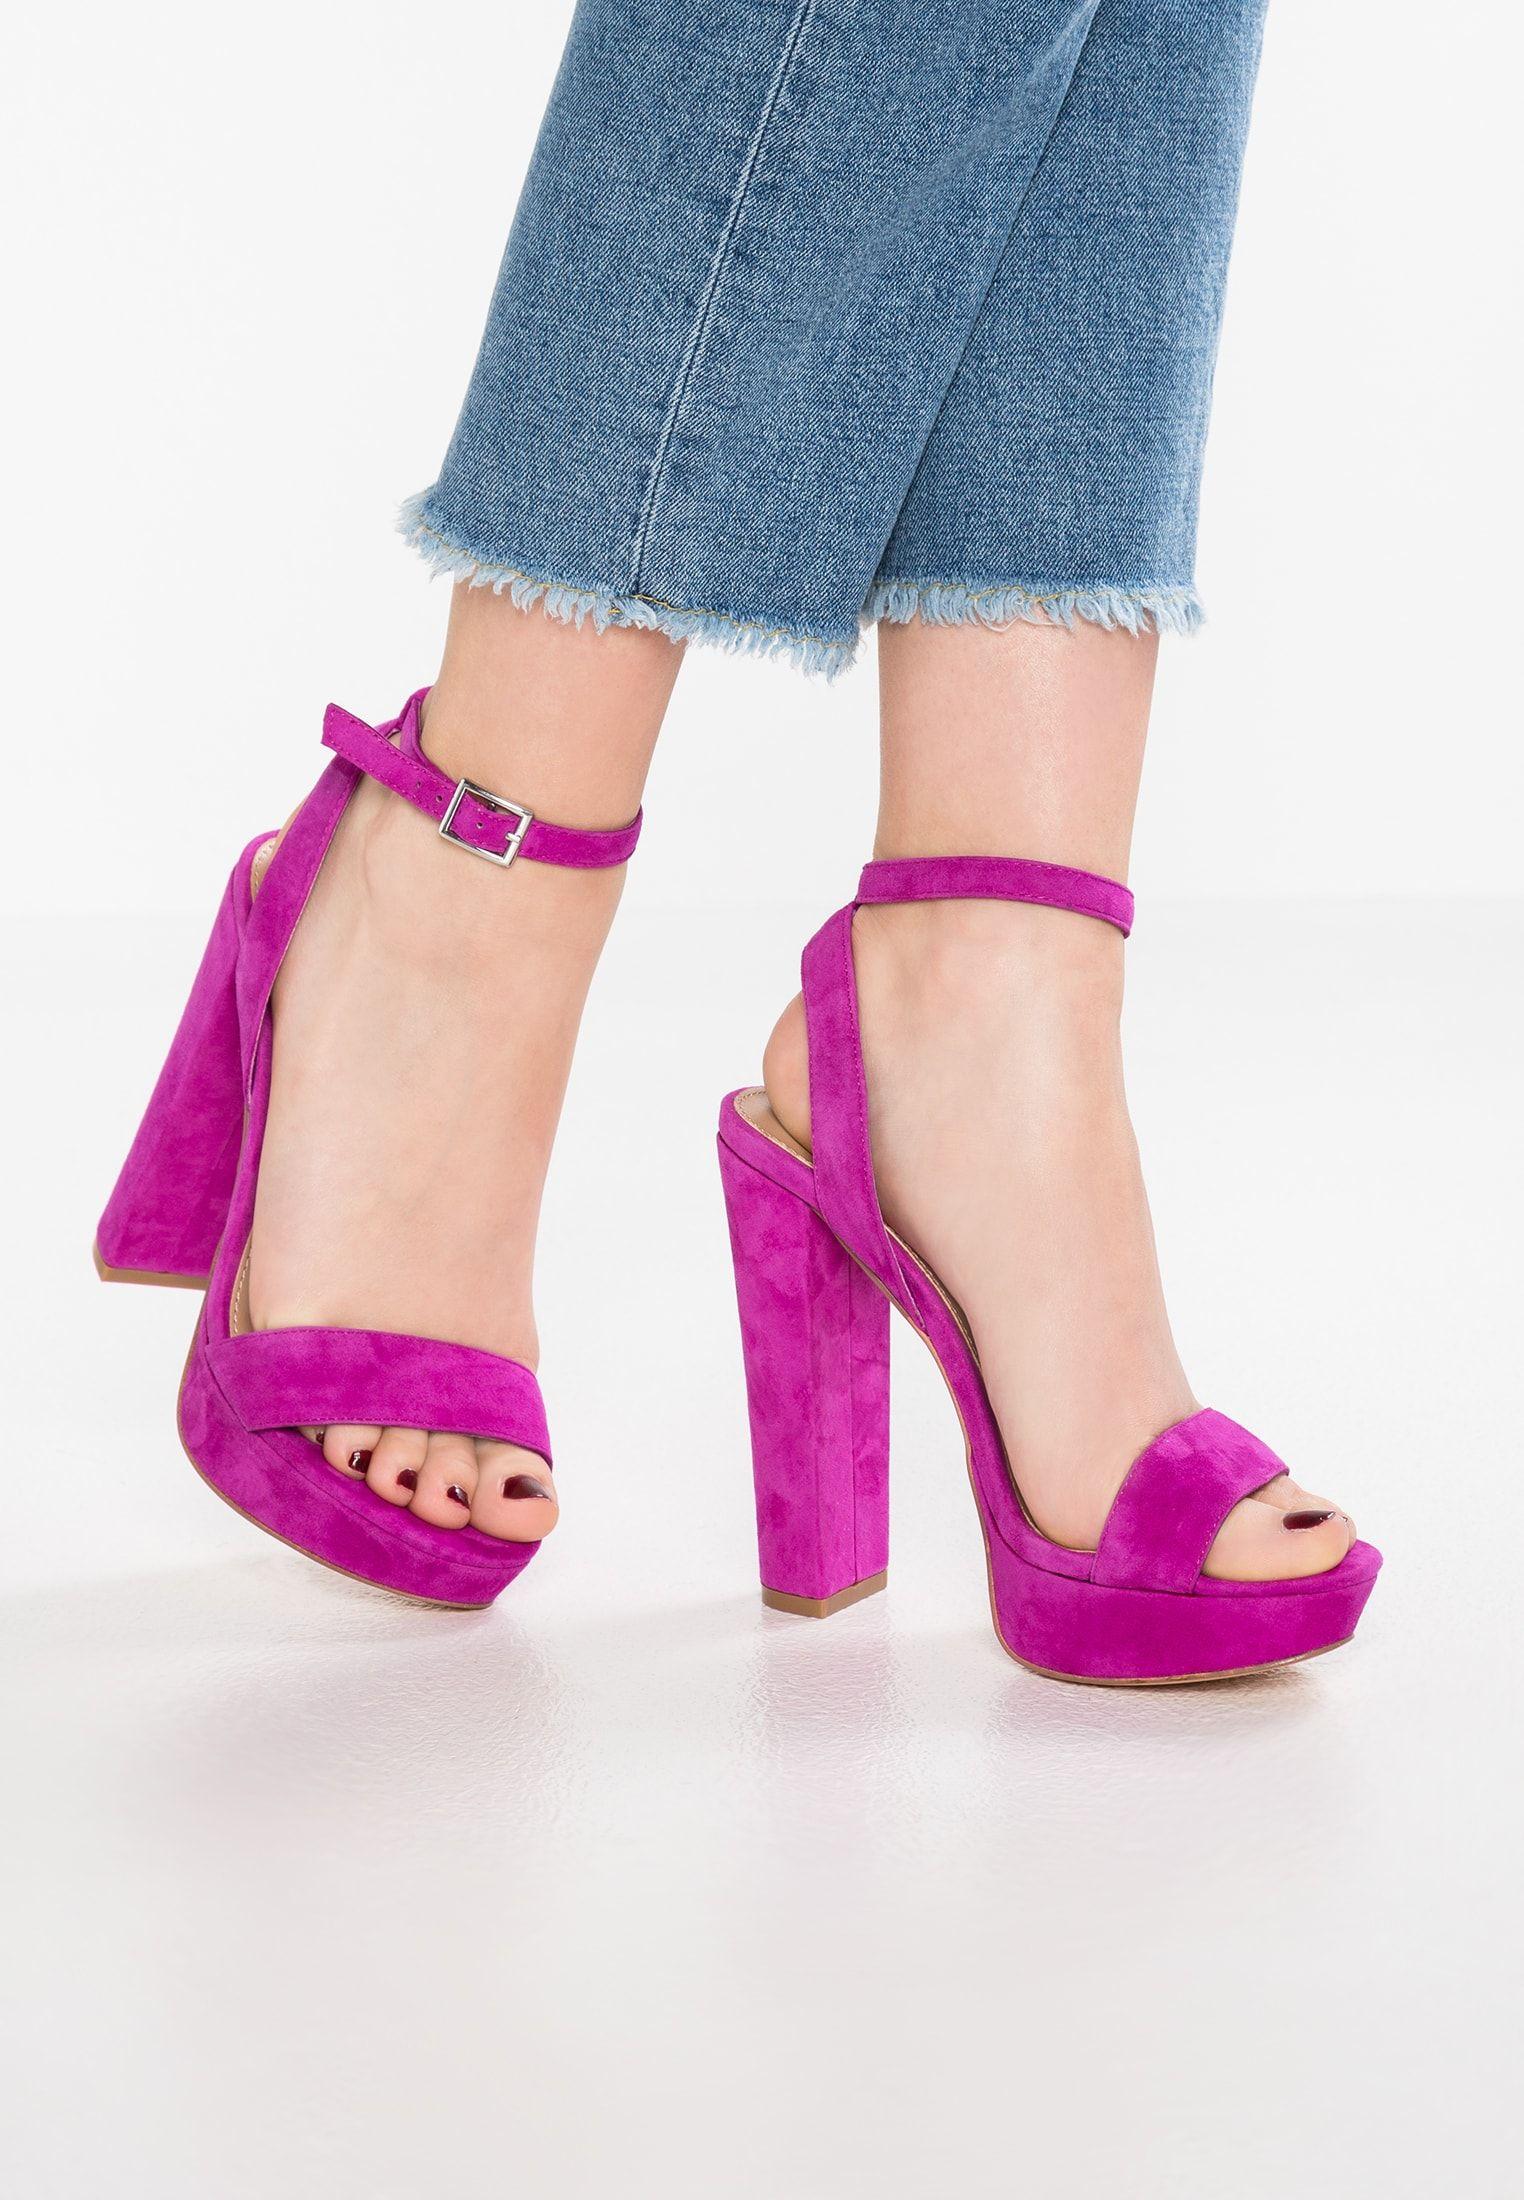 6200f40db1e Steve madden glow - high heeled sandals fuschia women shoes ...